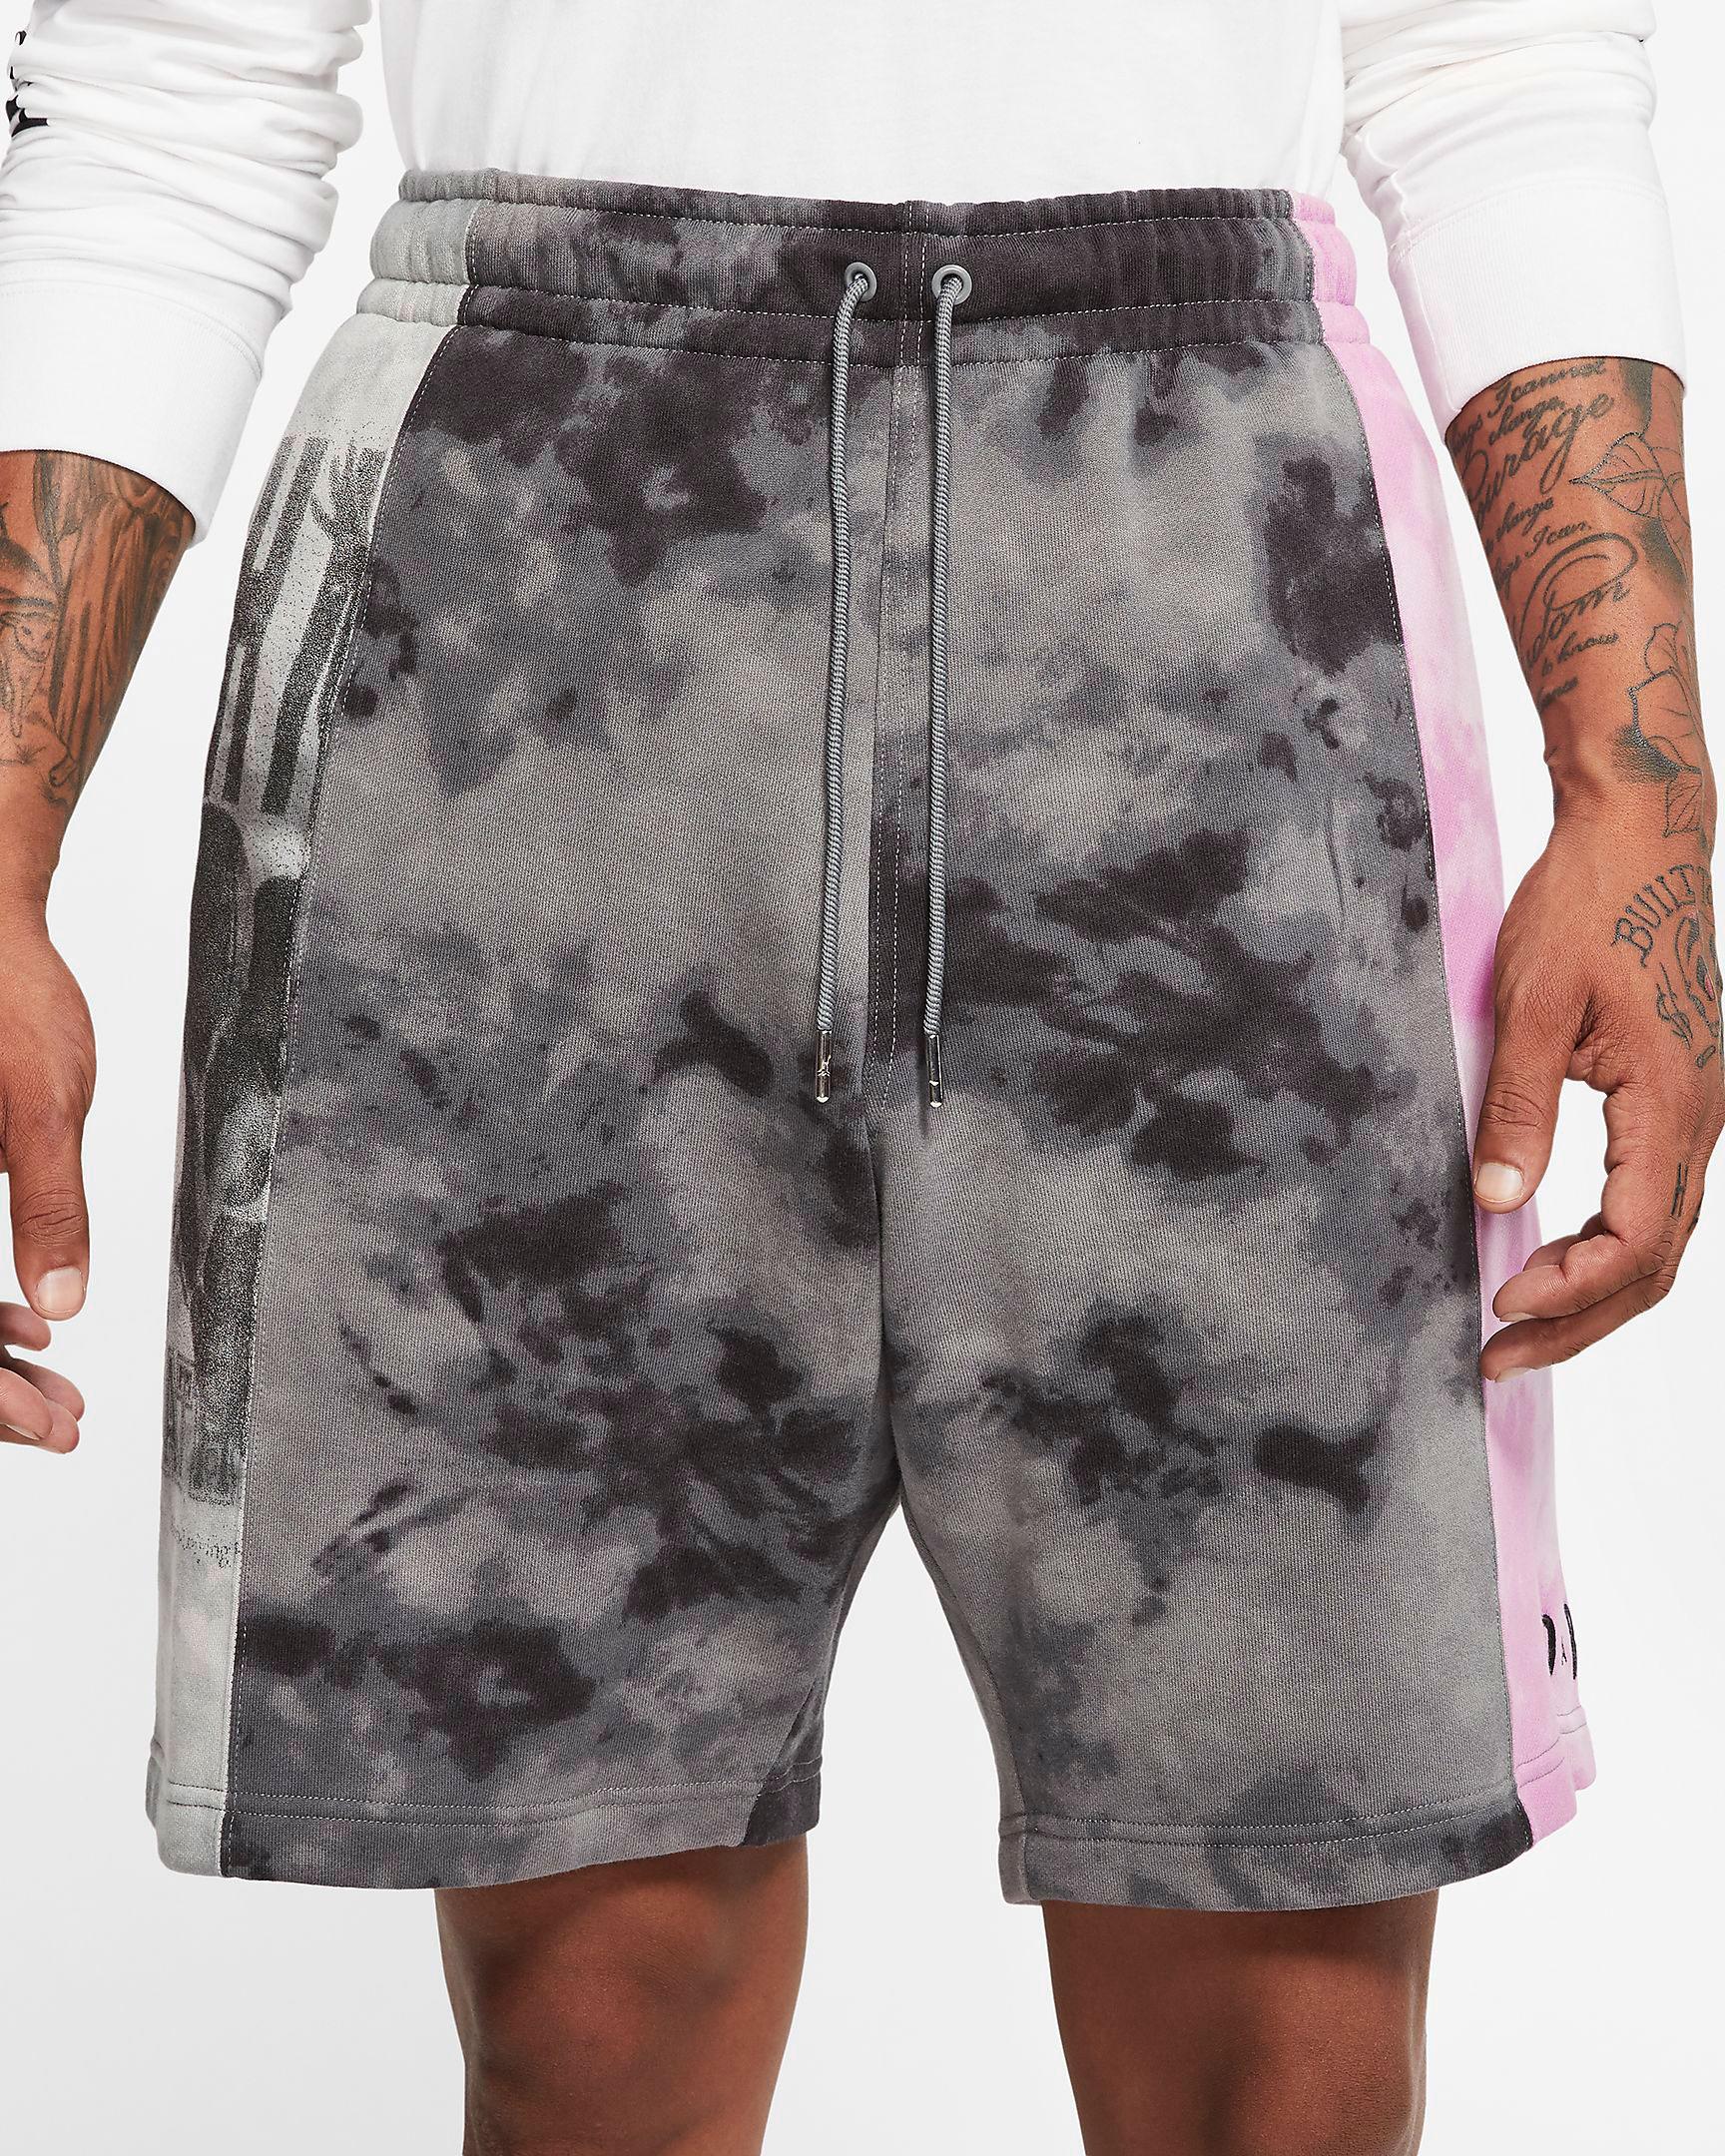 jordn-sport-dna-vintage-shorts-black-grey-purple-2